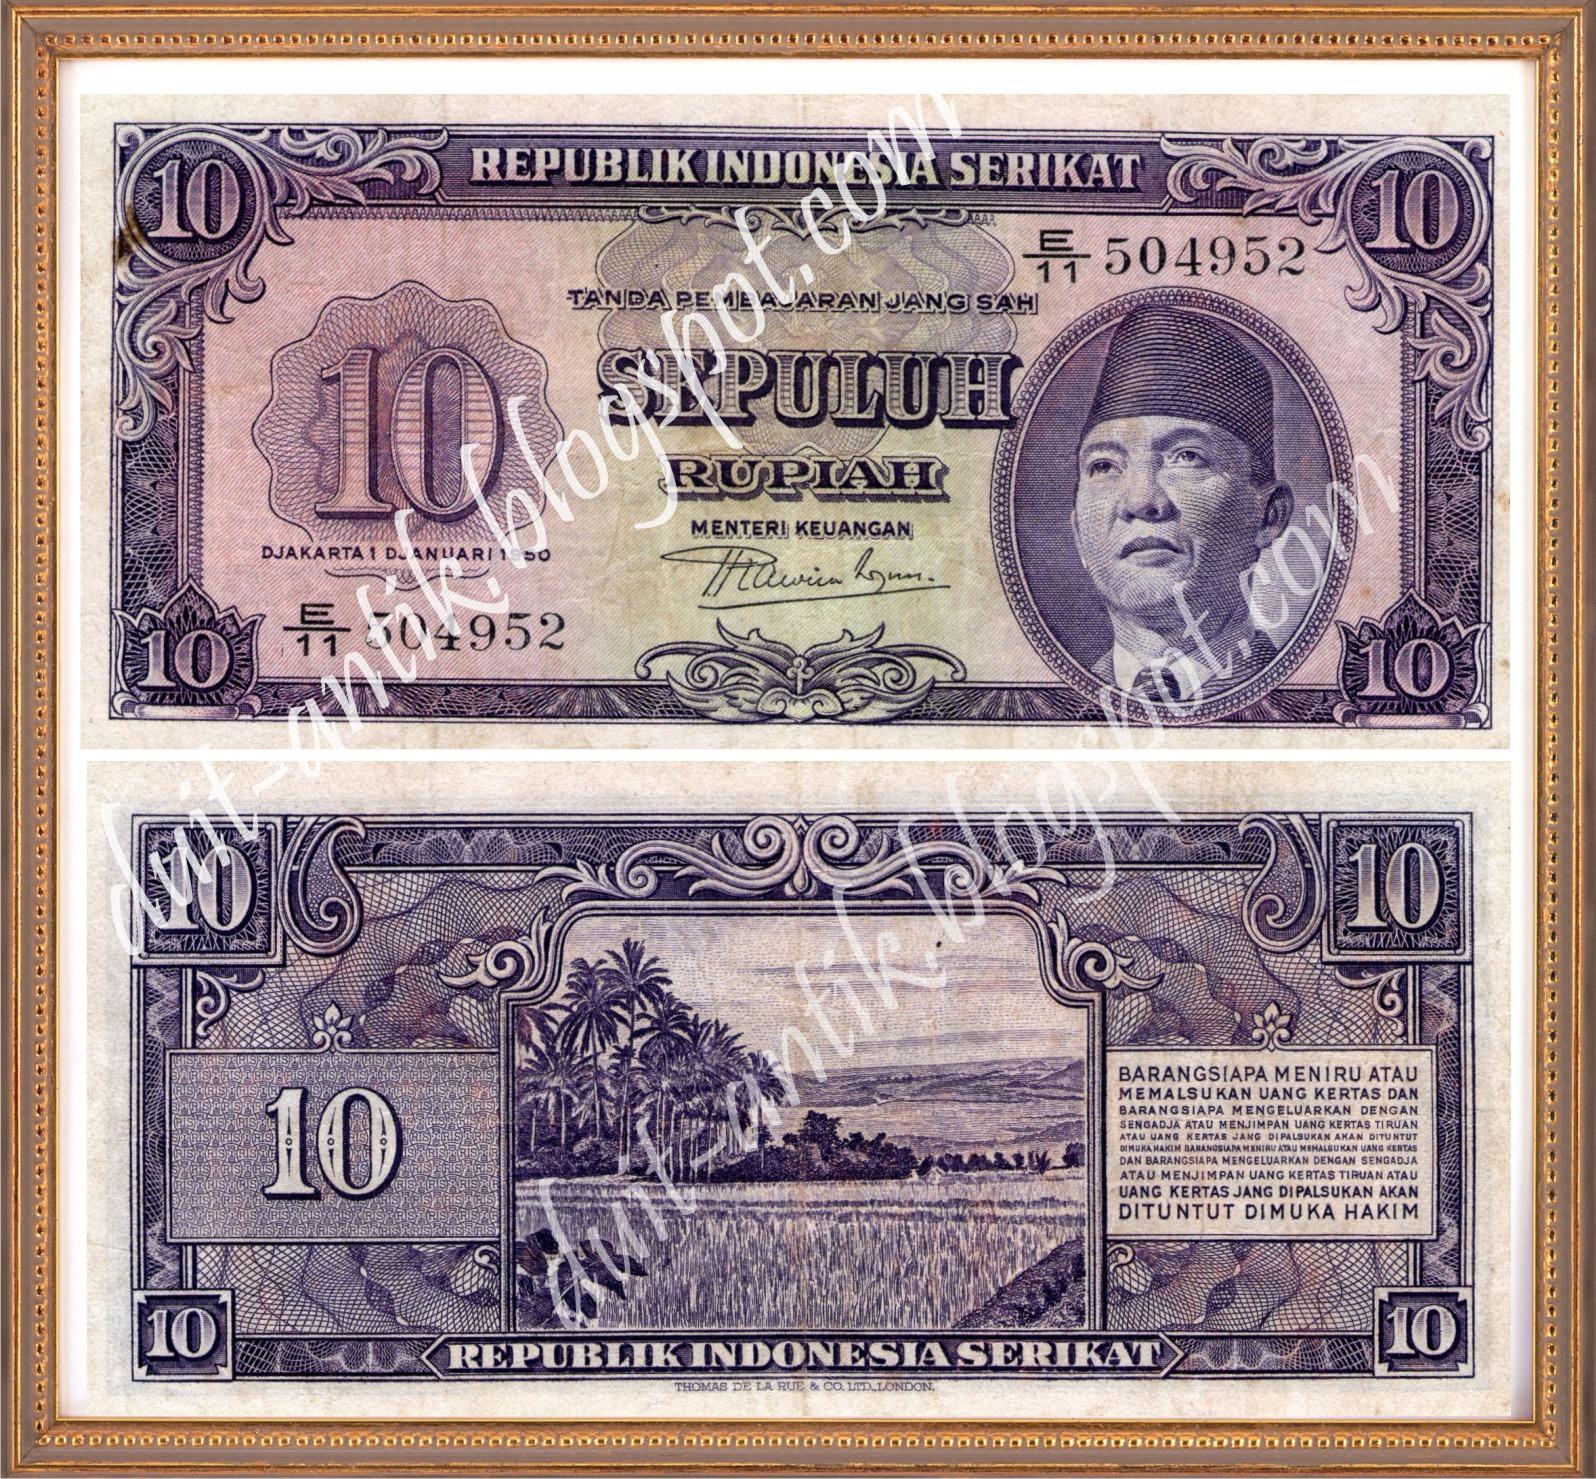 Menjual berbagai macam uang kuno dan barang kuno: Rp.5